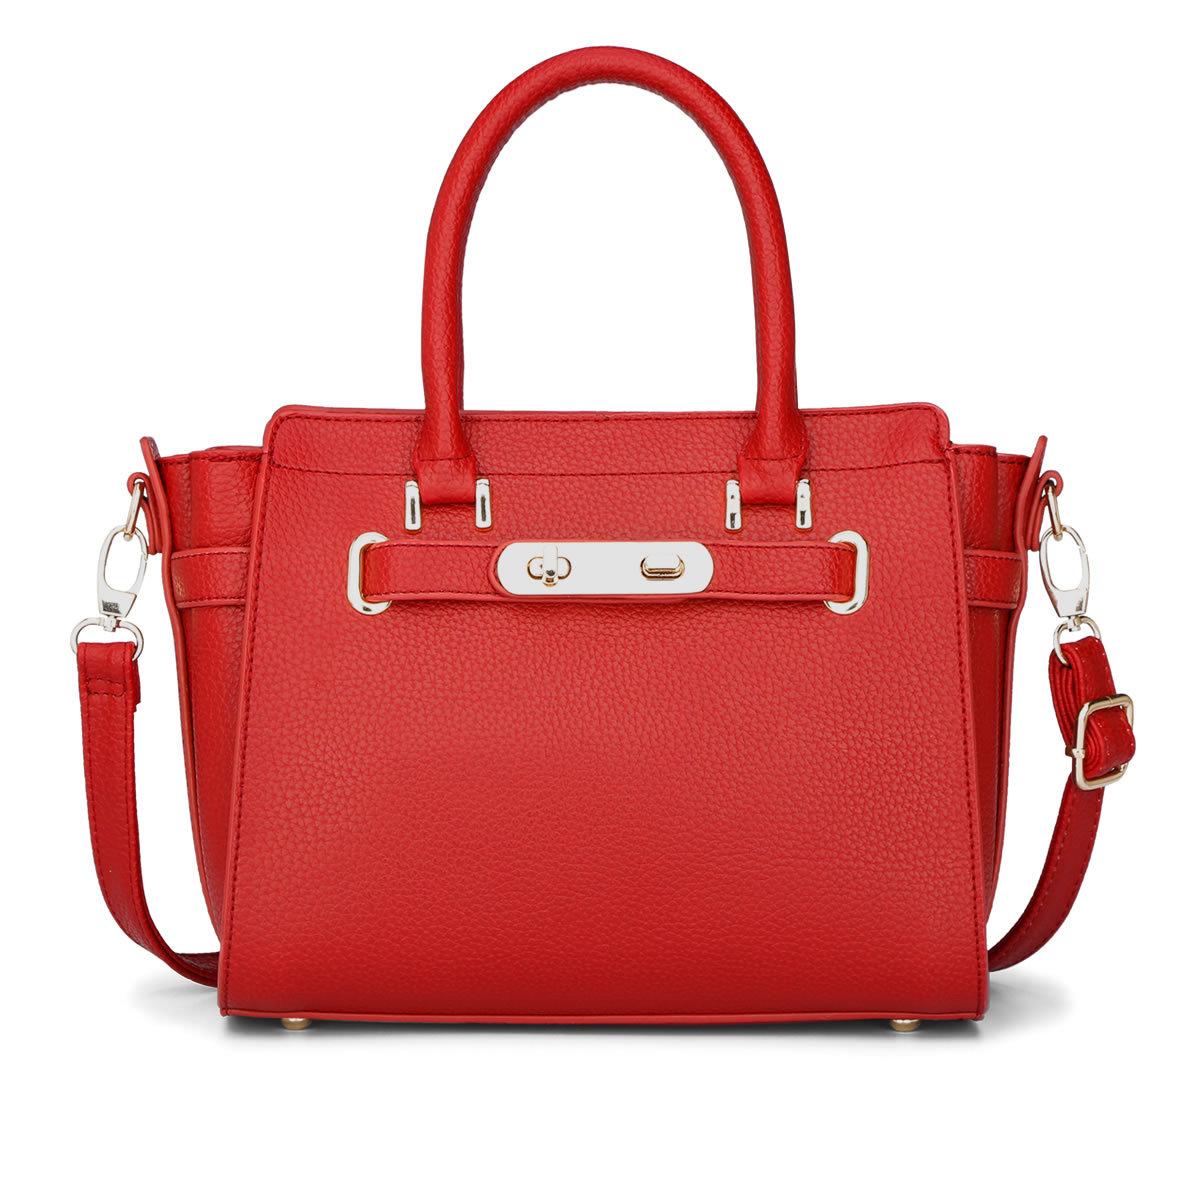 ขายส่งกระเป๋าผู้หญิงถือและสะพายข้าง แต่งเข็มขัดล๊อกคู่ แฟชั่นเกาหลี Sunny-764 สีแดงสด 1 ใบ